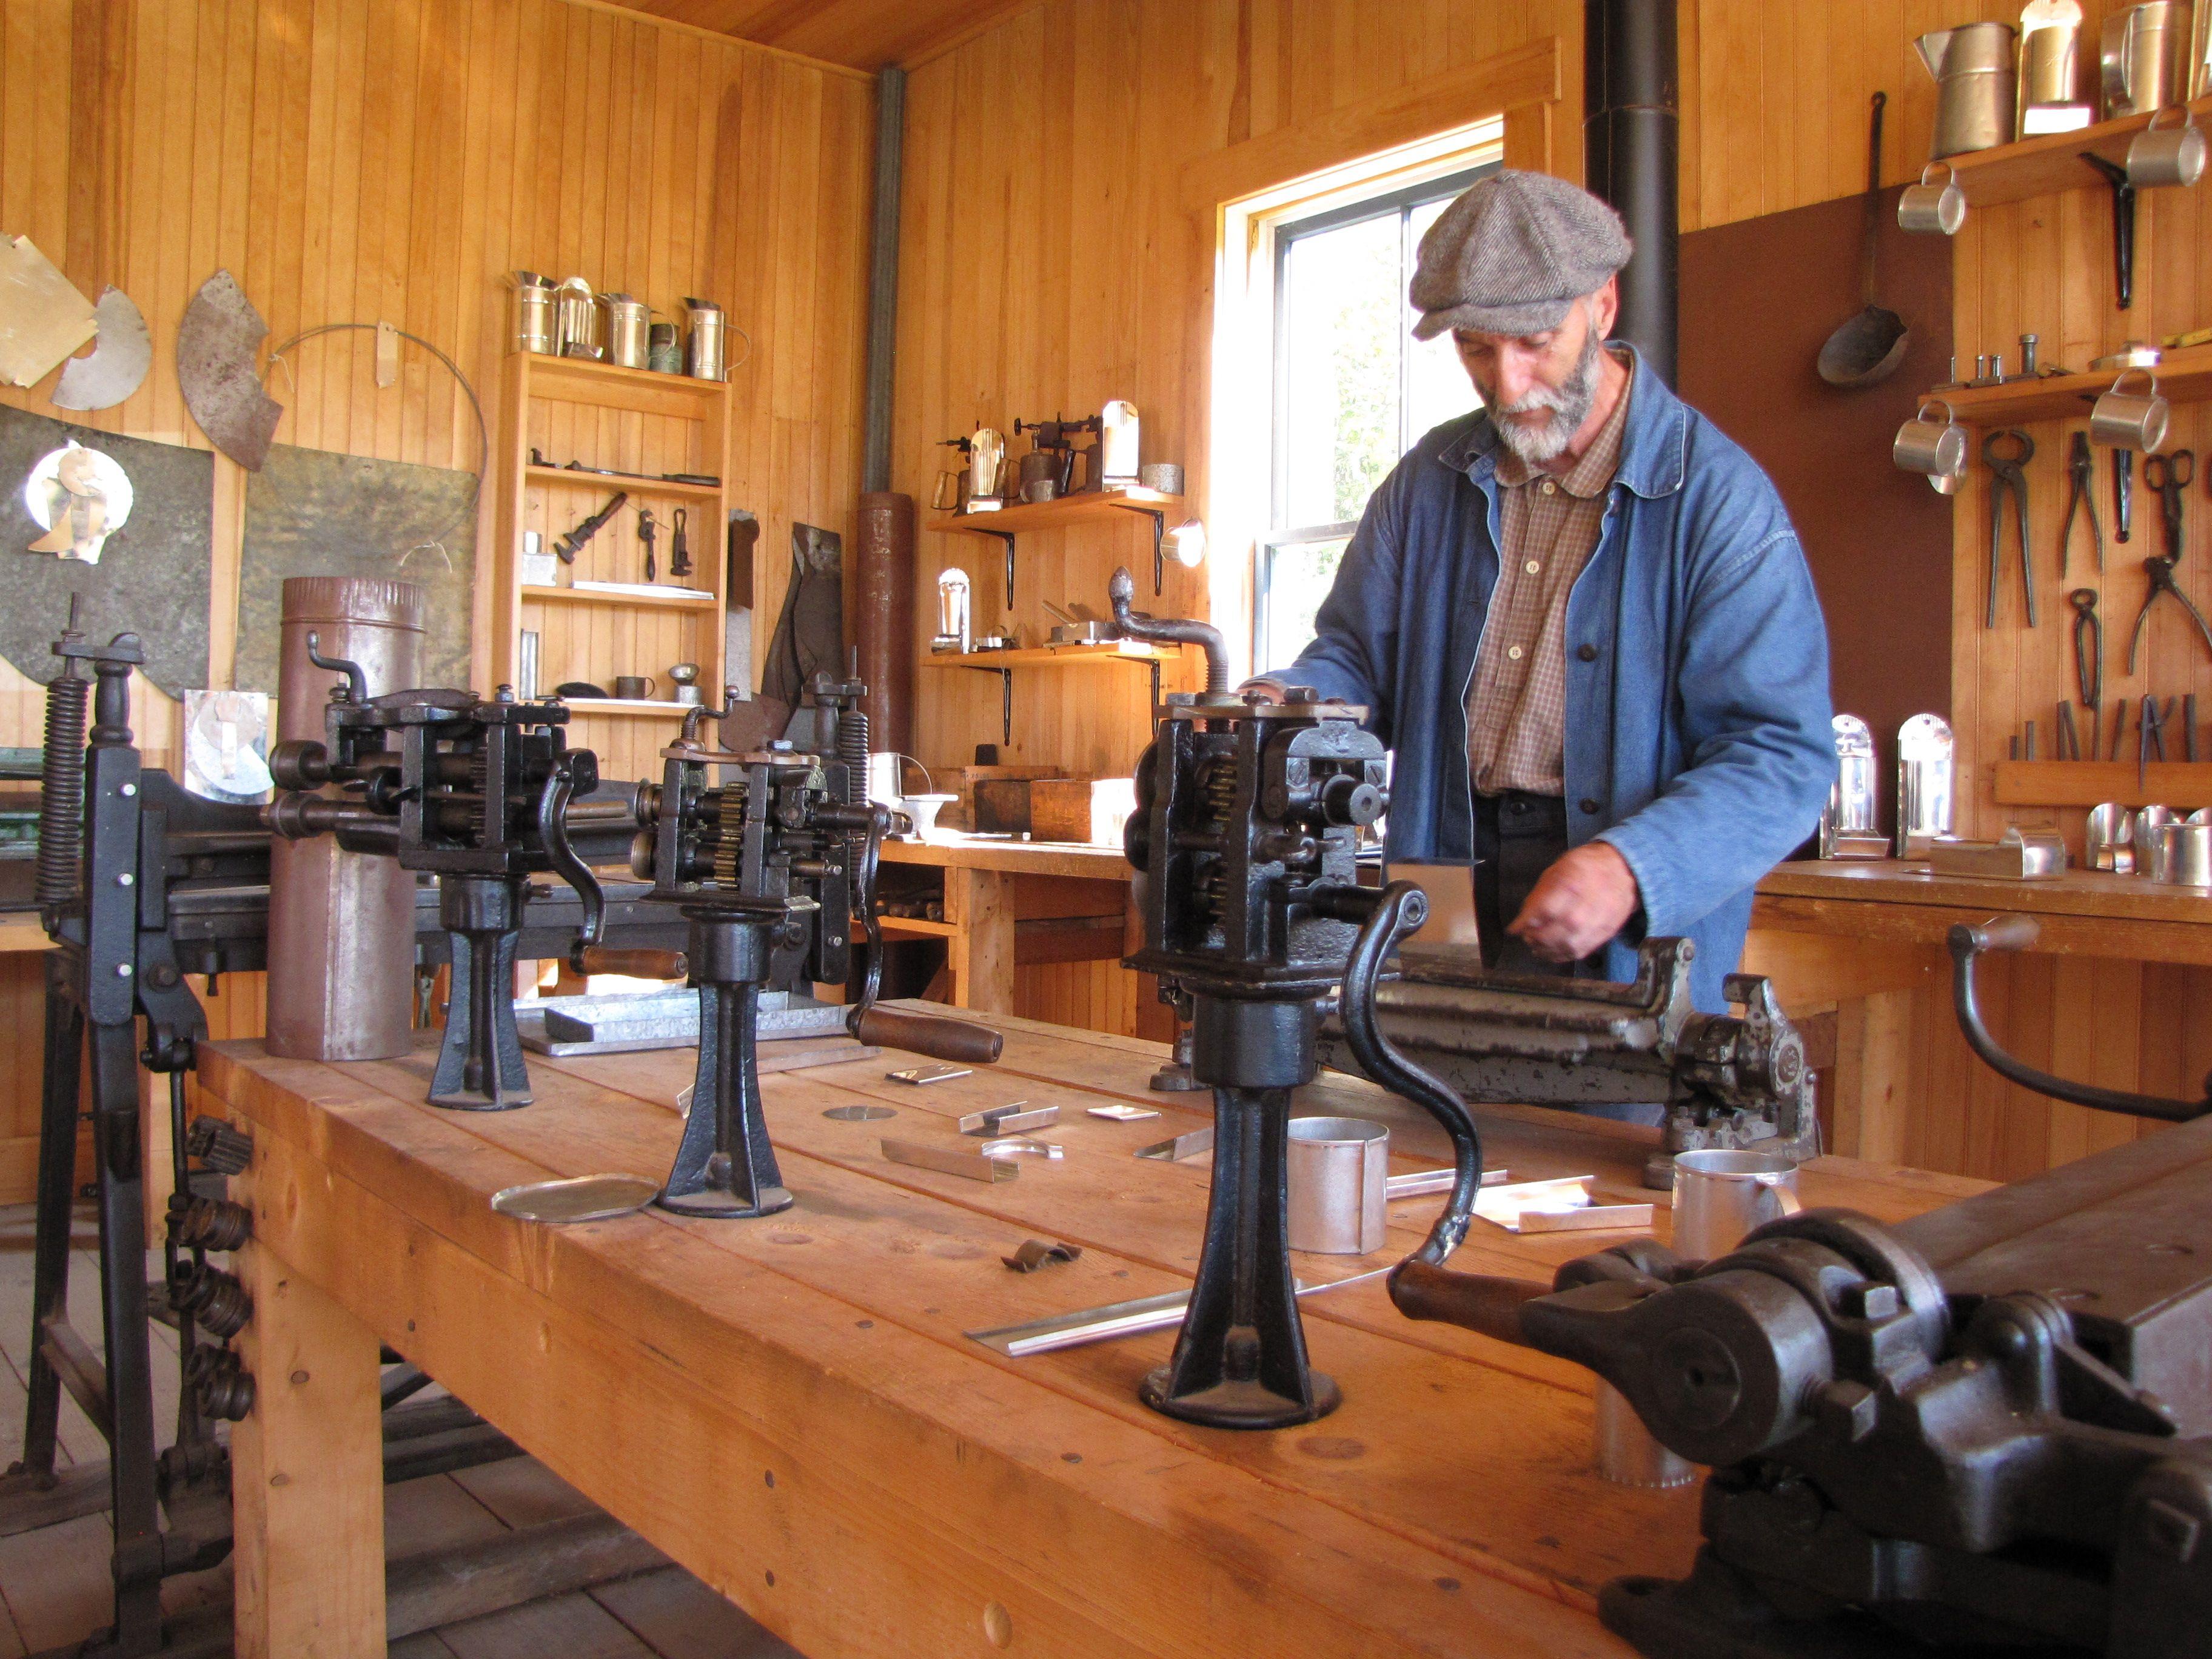 Http Www Villagehistoriqueacadien Com Sites Default Files Village Historique Acadien Bois 1 Jpg Living History History Tin Man